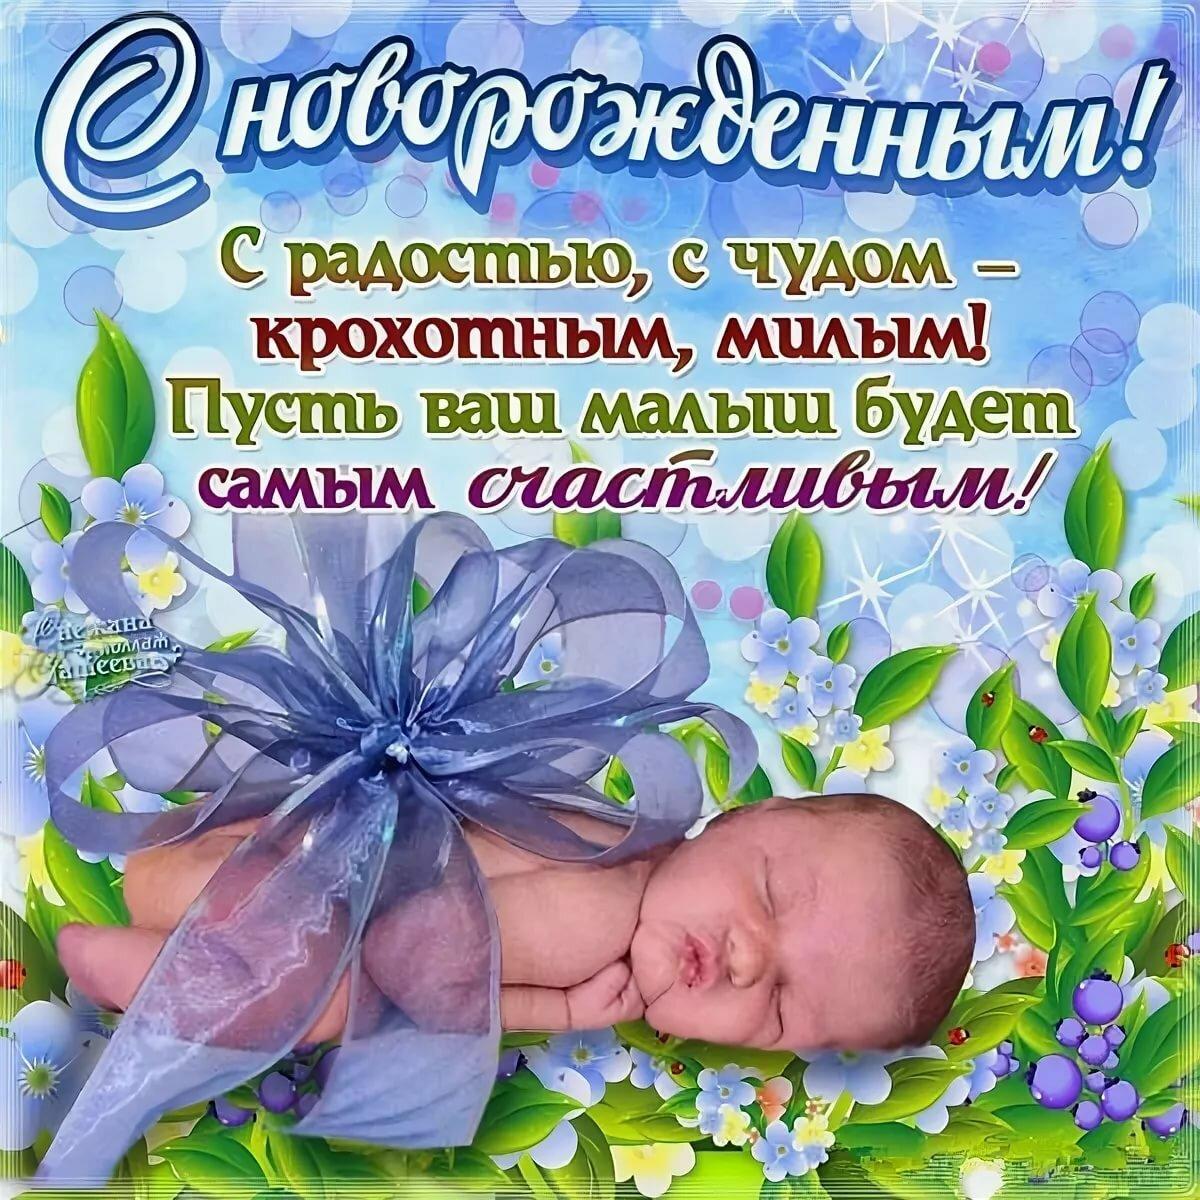 сентябрьских стихи с рождением долгожданного сына который